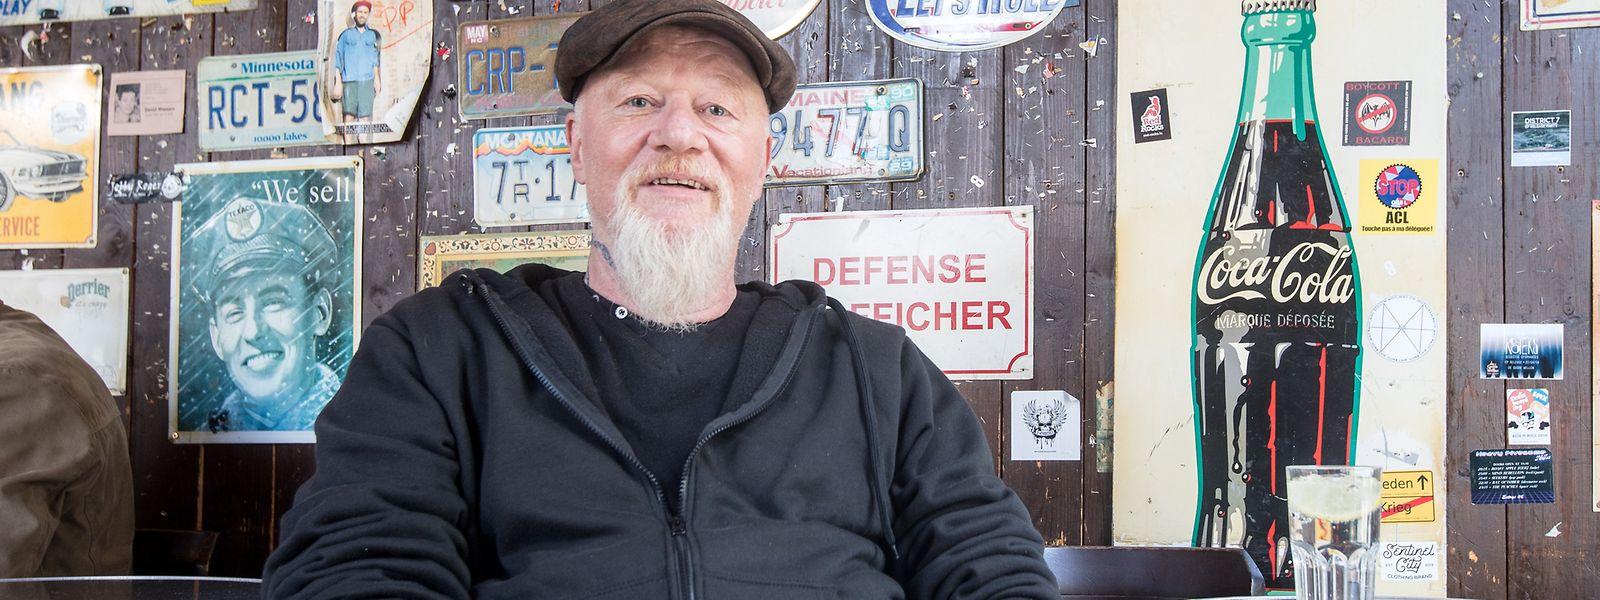 Künstler Théid Johanns in seinem Stammlokal Pitcher in Esch.